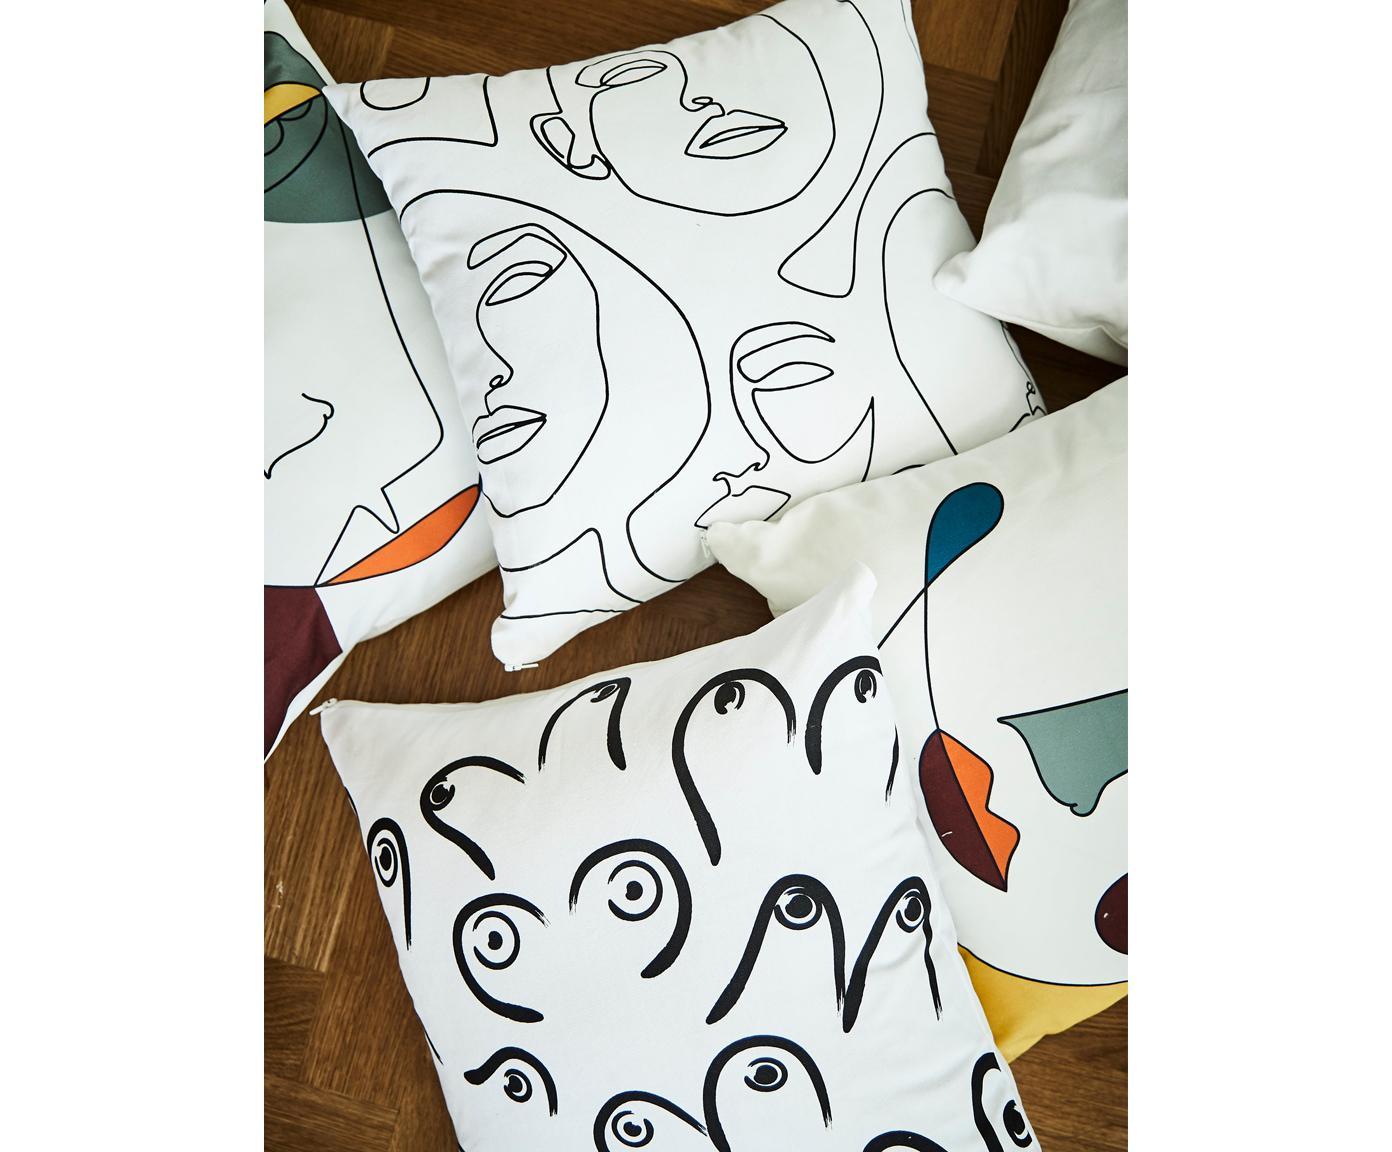 Poszewka na poduszkę Boobs, 100% bawełna, Biały, czarny, S 40 x D 40 cm